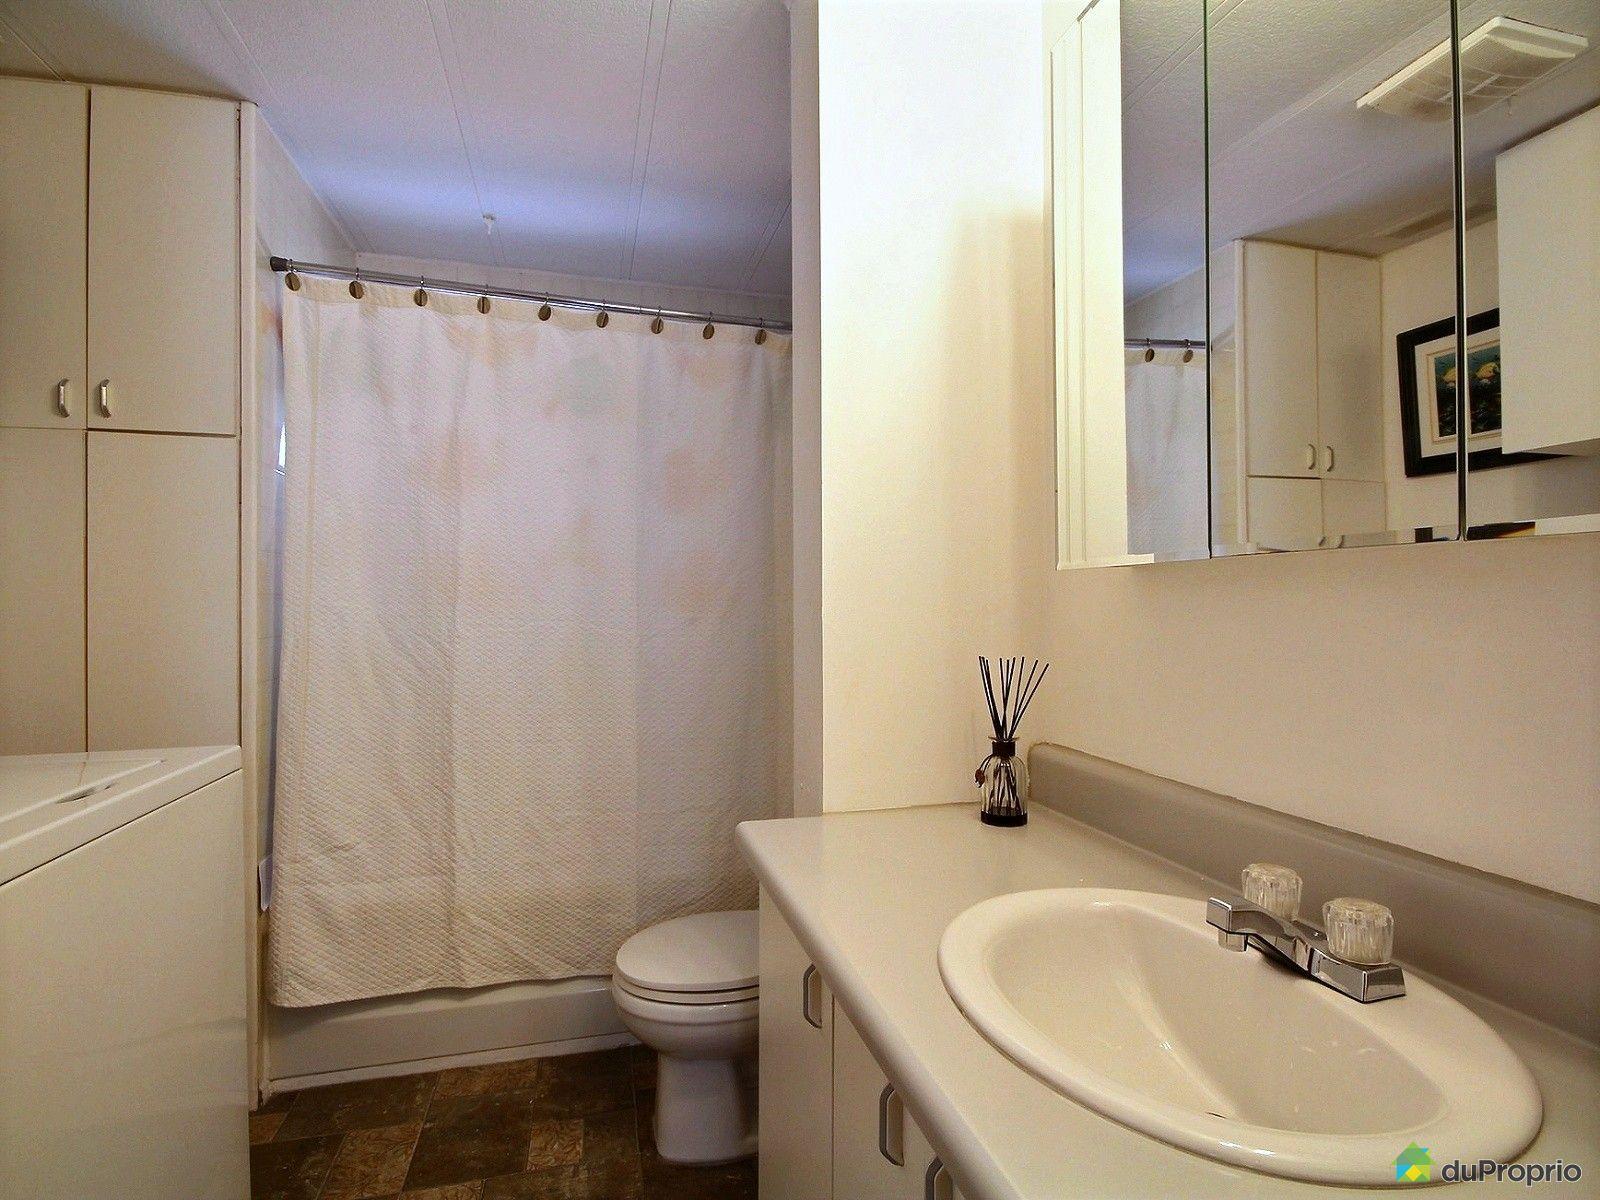 Maison vendu st nicolas immobilier qu bec duproprio for Salle de bain mobile